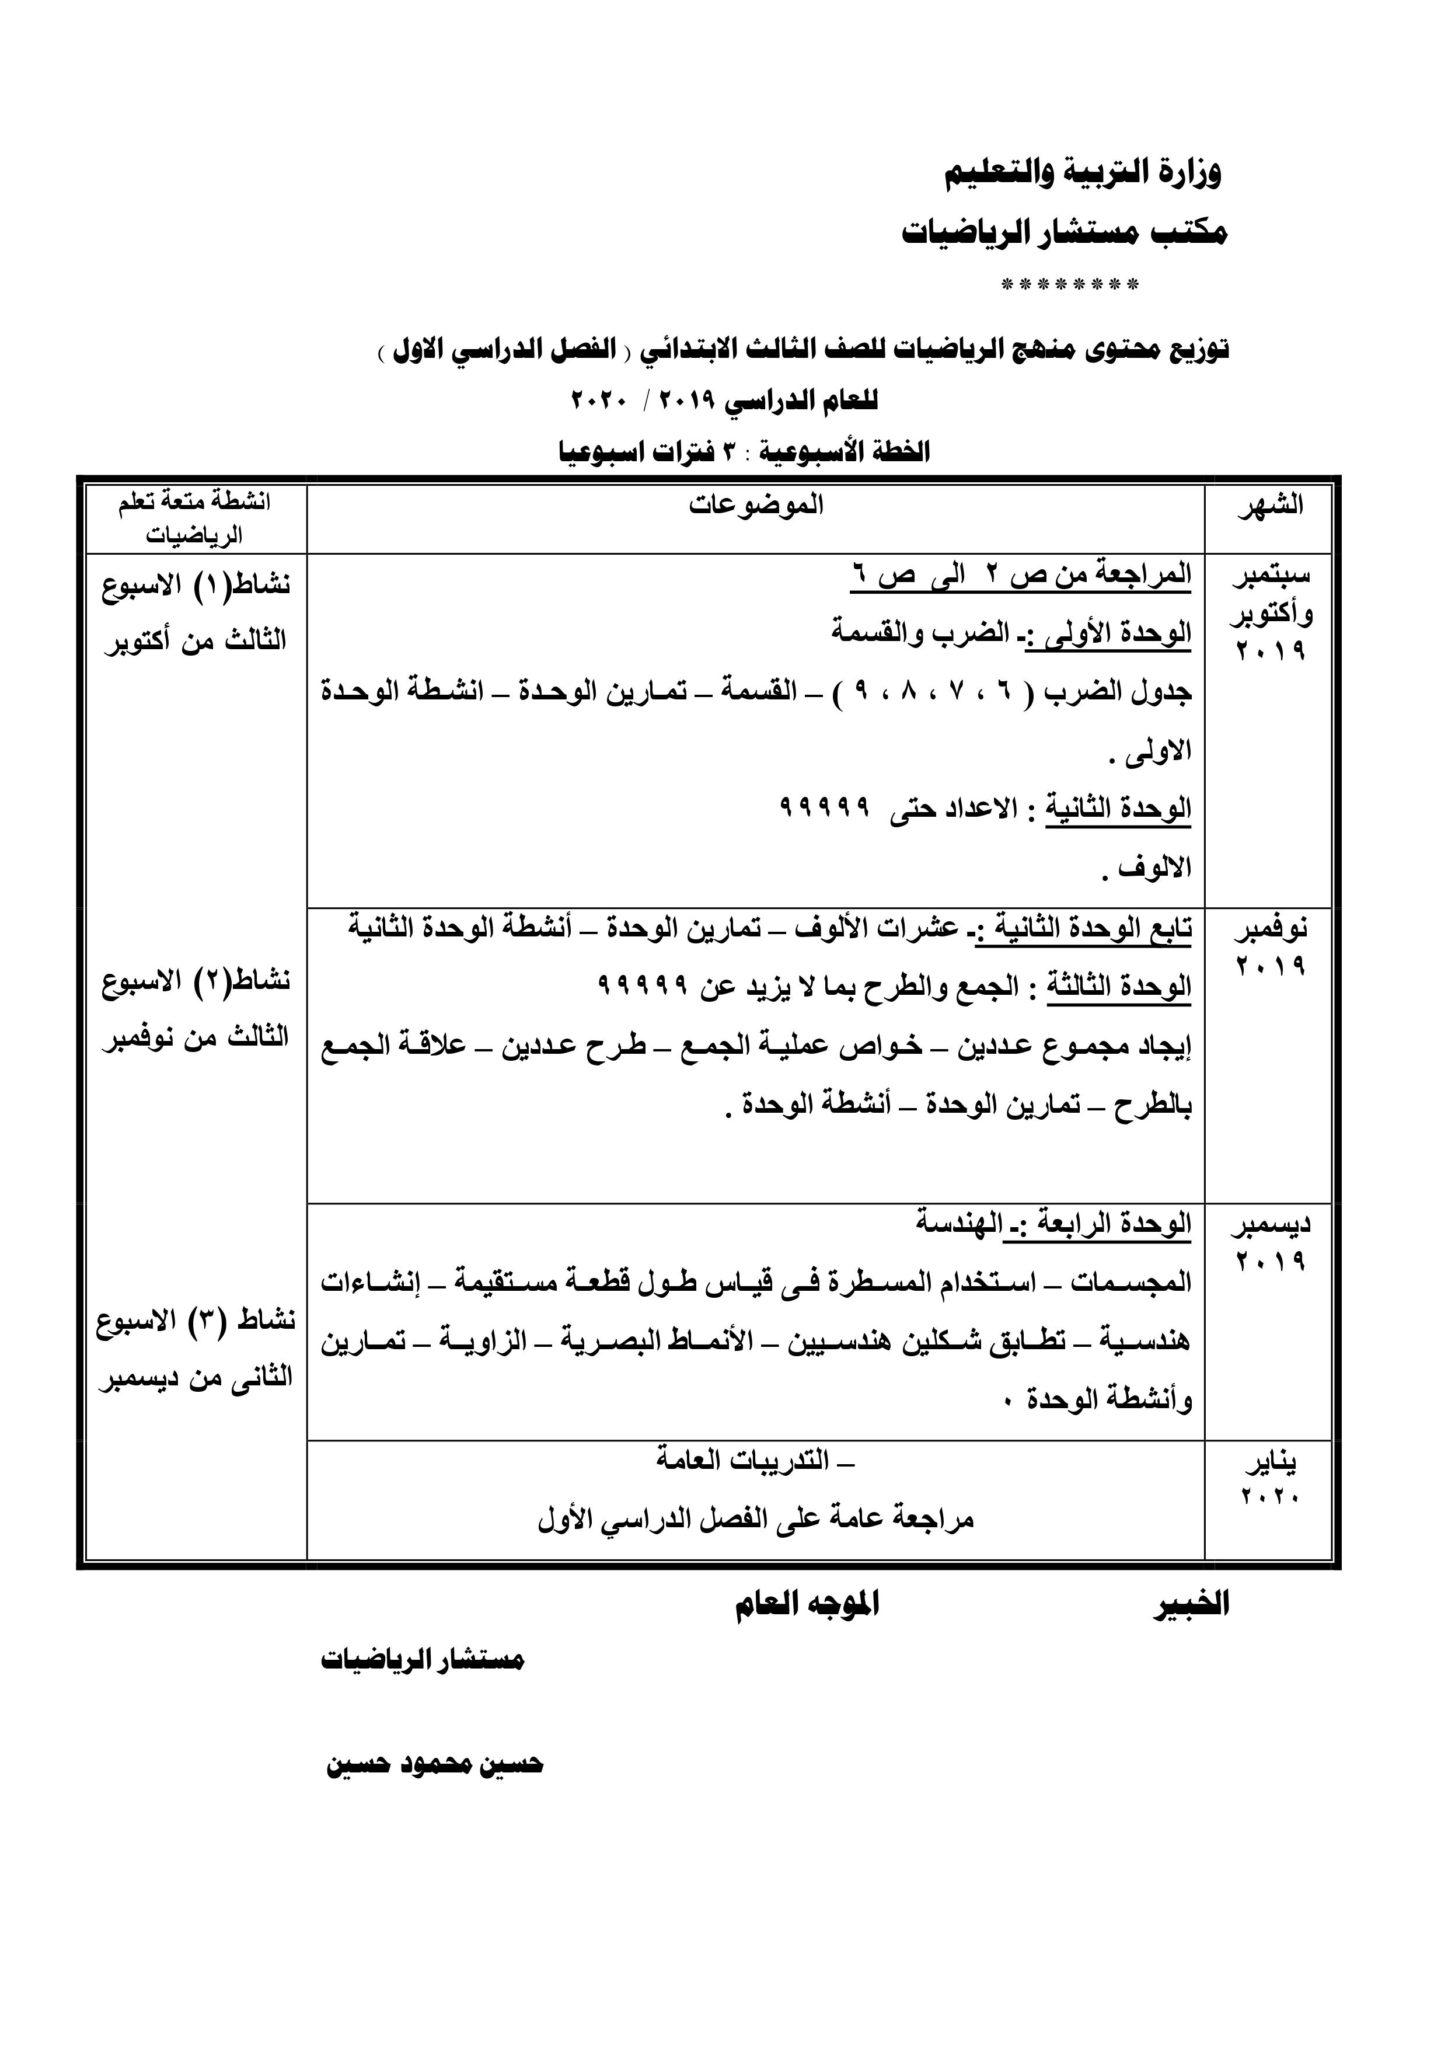 توزيع منهج الرياضيات للصف الأول الإبتدائي لعام 2021